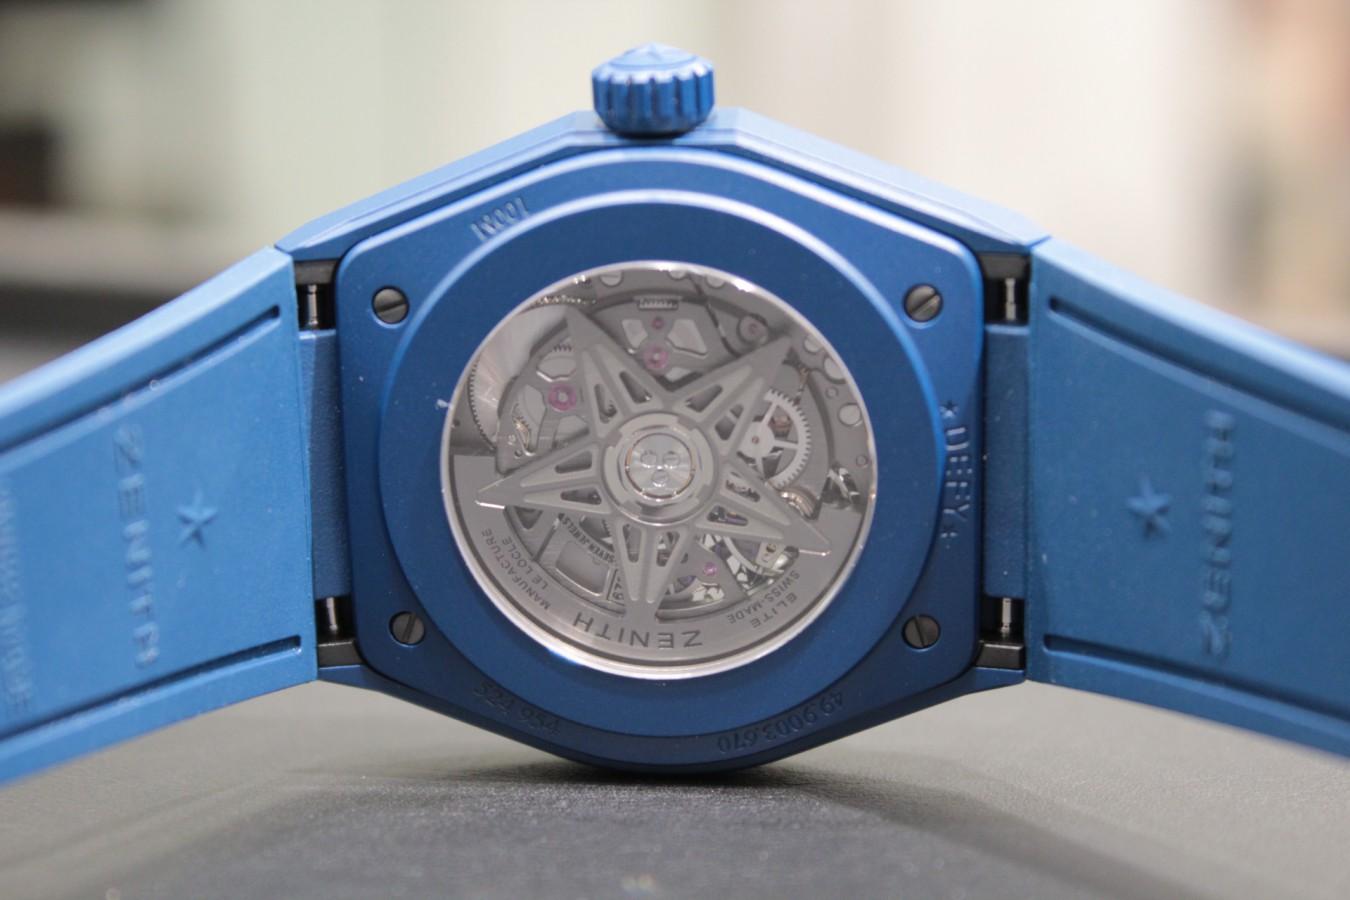 IMG_3478-1 暑い時期の腕元にブルーの時計はいかがですか!?【デファイクラシックセラミック】 - ELITE